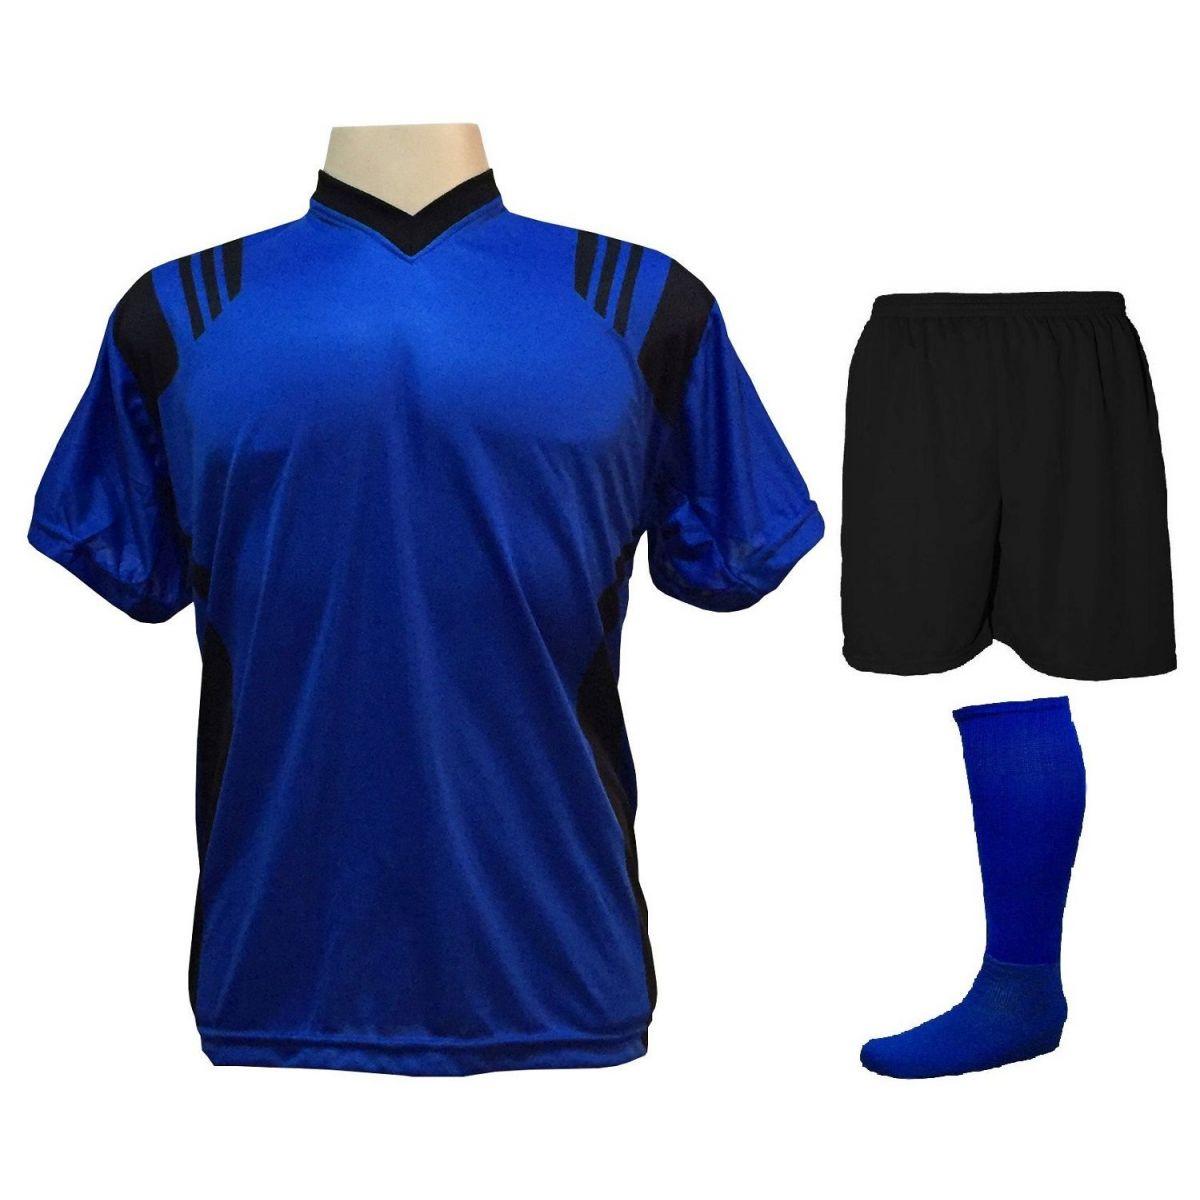 Uniforme Esportivo com 12 Camisas modelo Roma Royal/Preto + 12 Calções modelo Madrid Preto + 12 Pares de meiões Royal